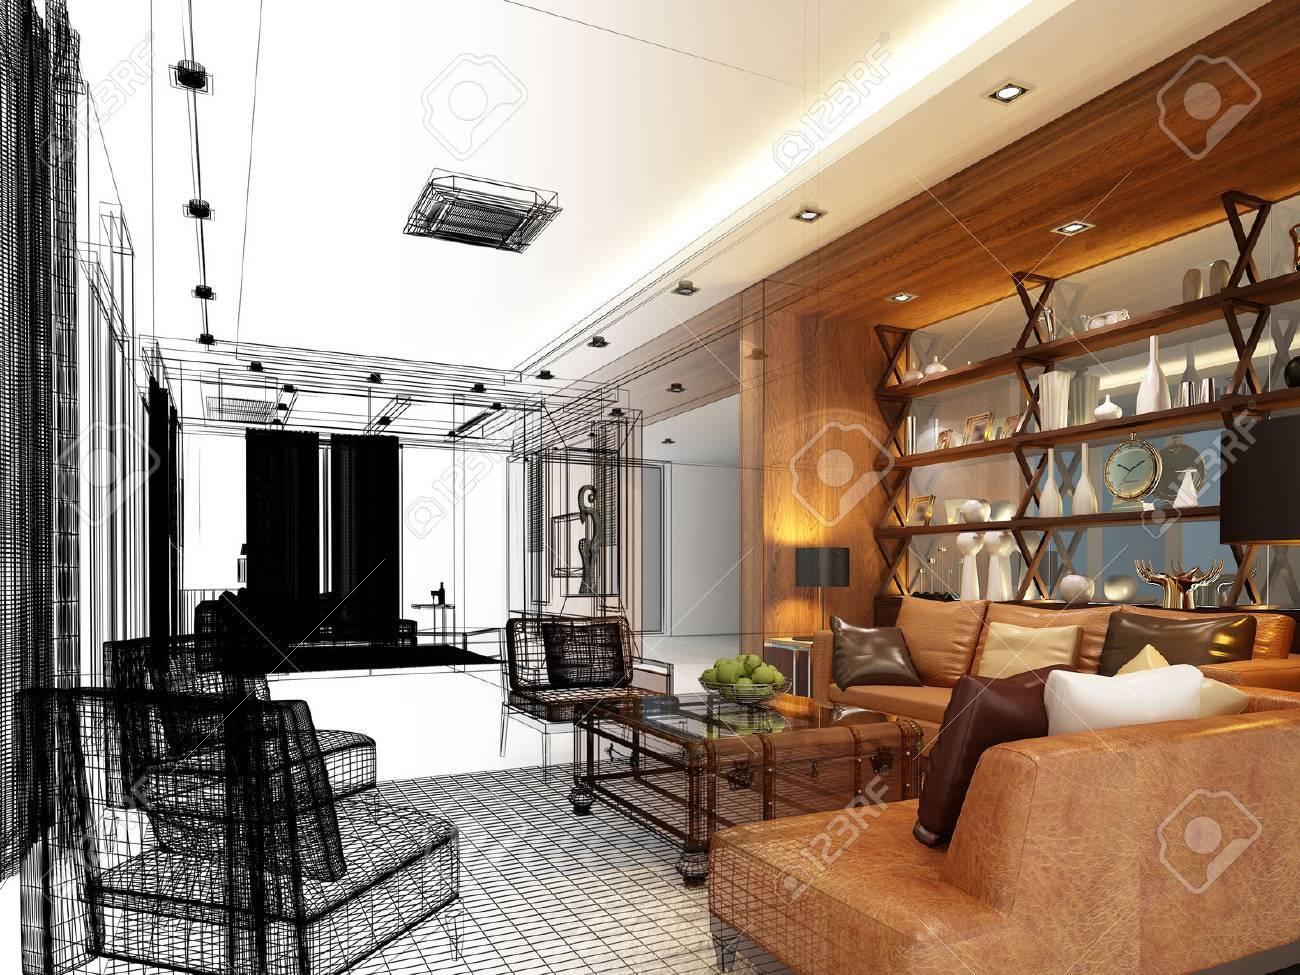 sketch design of interior living - 48205517